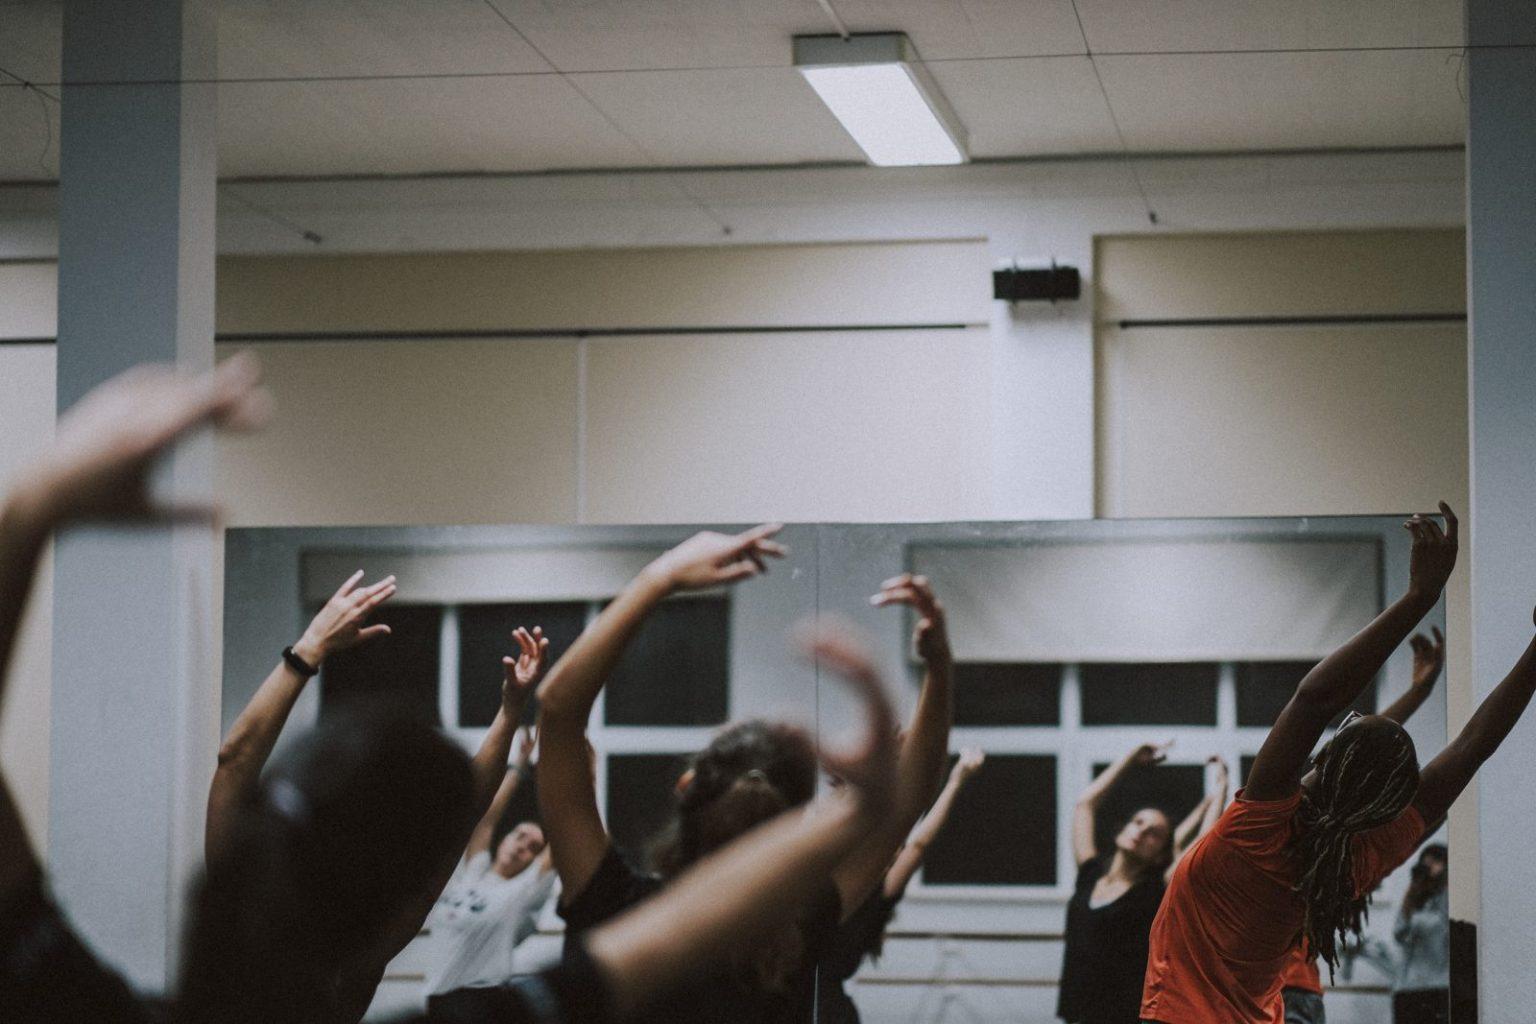 aula de dança por David Amado, coreógrafo fotografado no seis faces